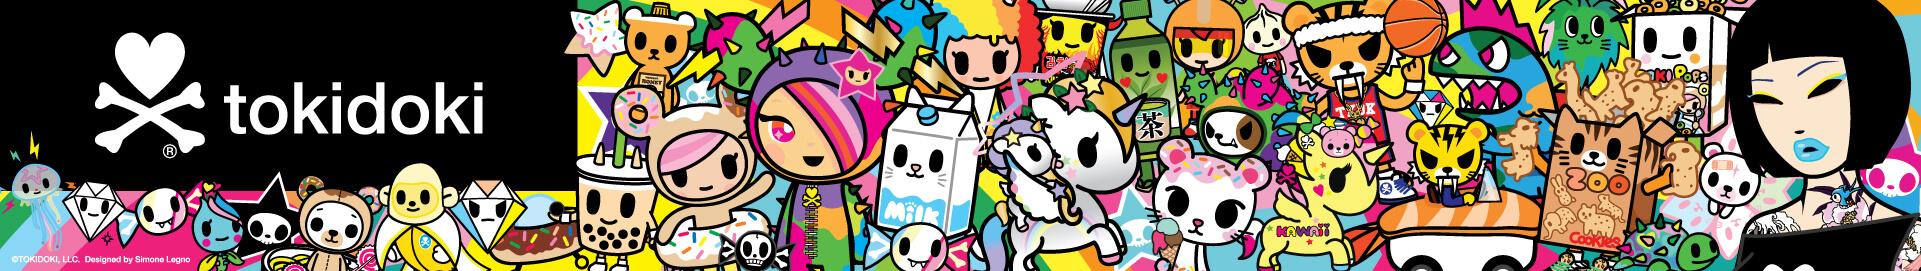 jellybeet-web-tokidoki-brandbanner-1-.jpg